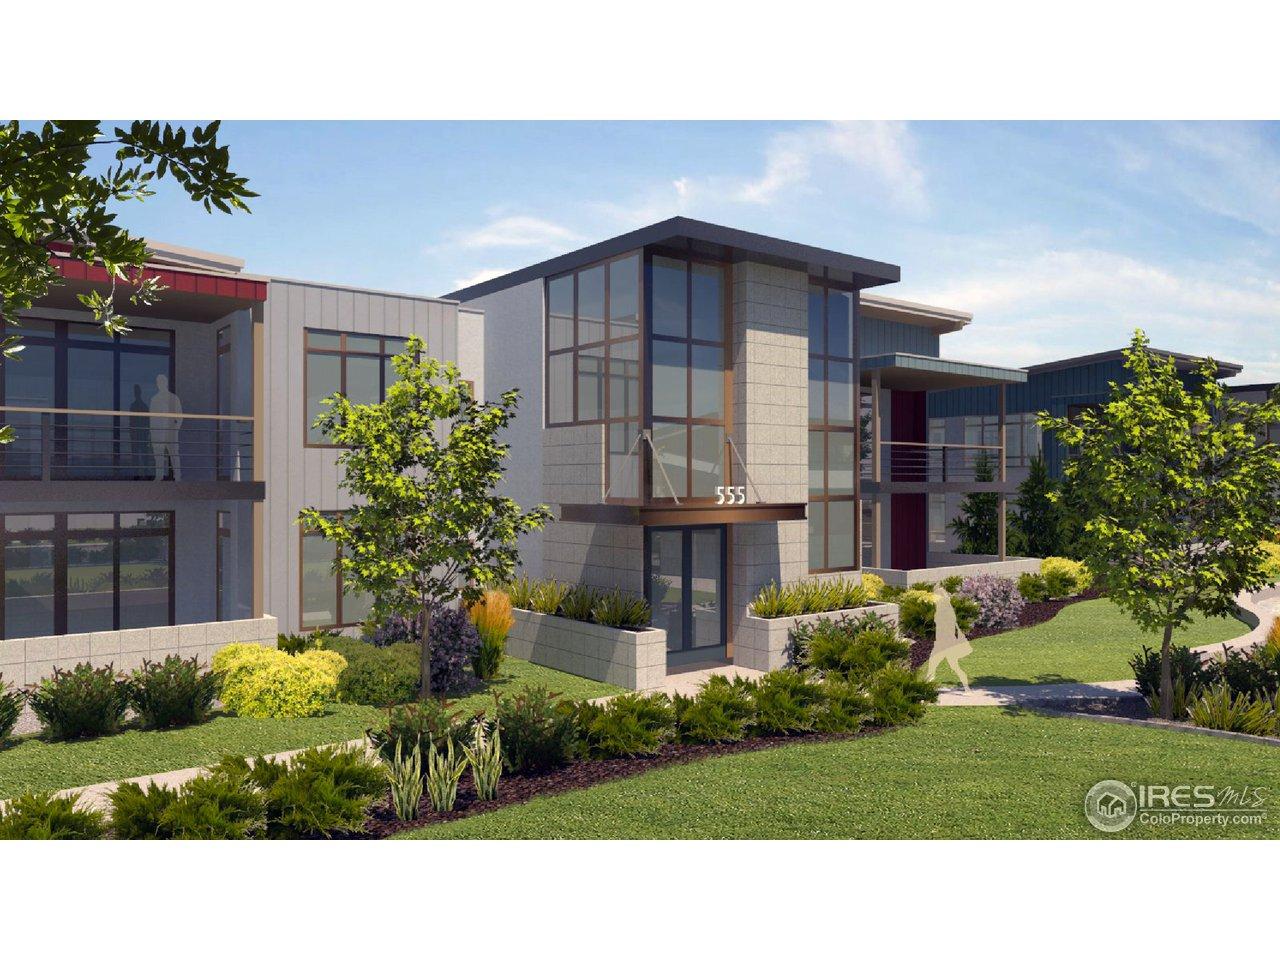 630 Terrace Ave H, Boulder CO 80304